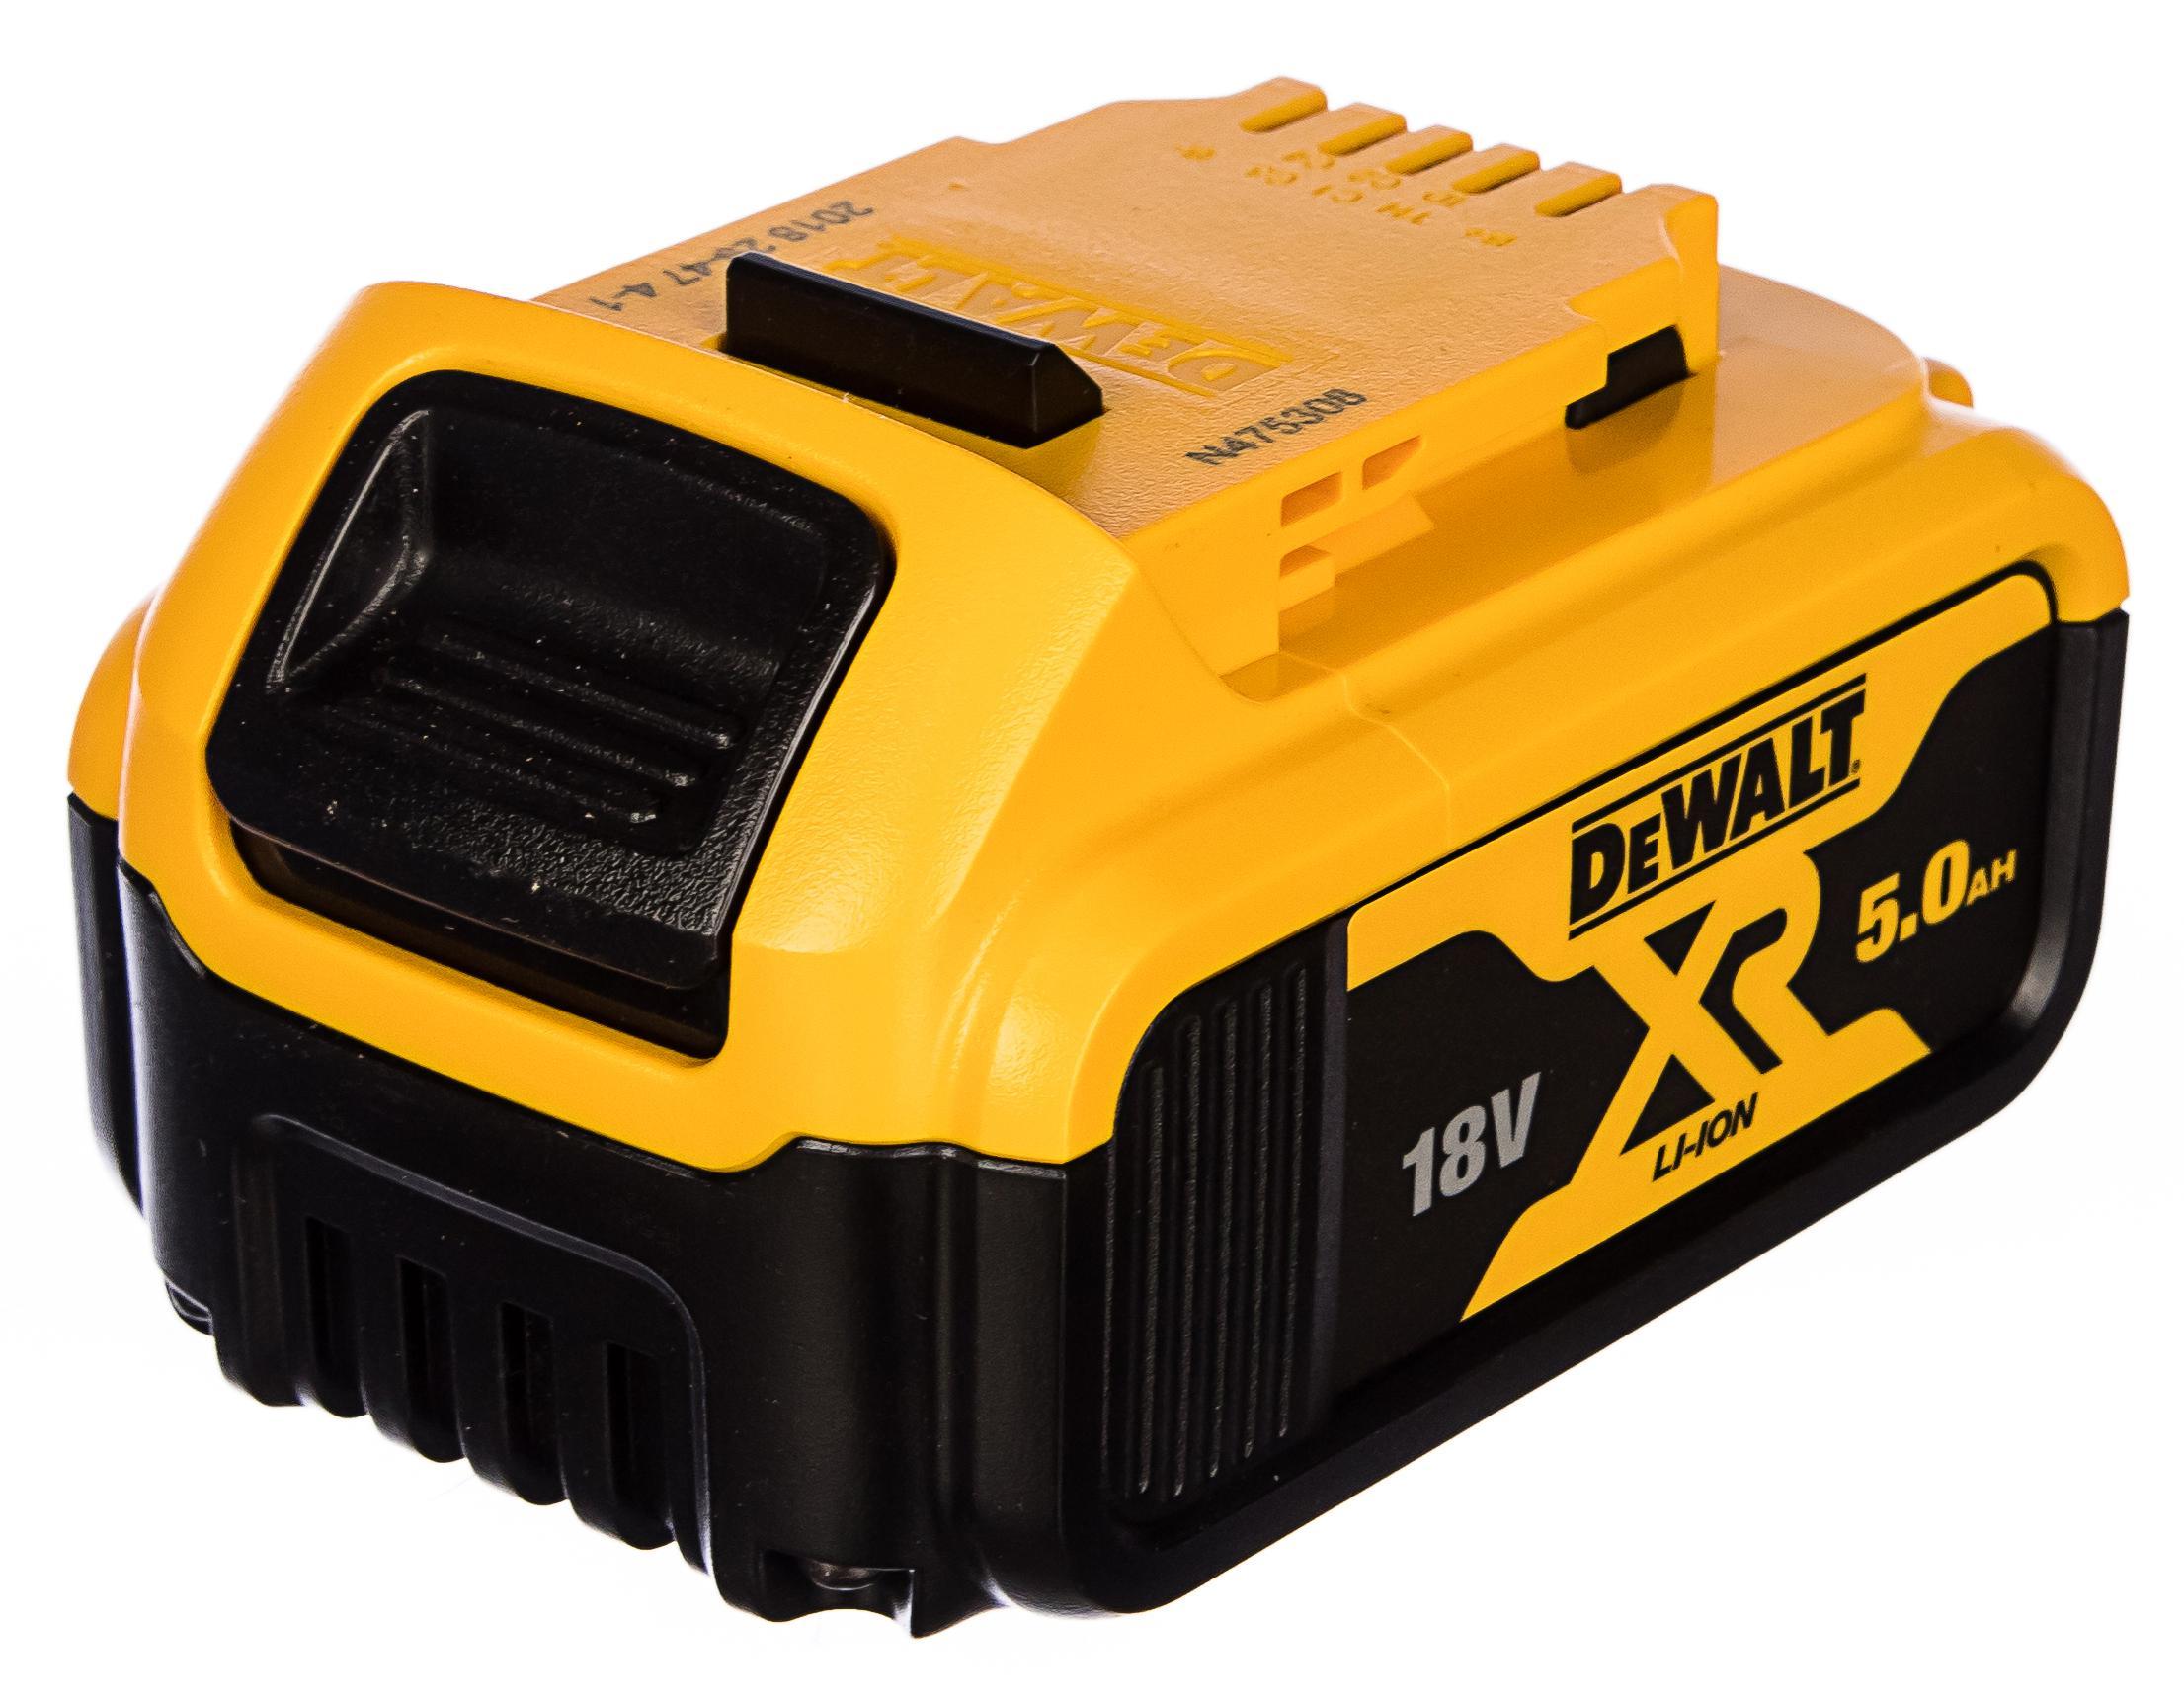 Аккумулятор Dewalt Dcb184xj аккумулятор dewalt 18в 5ач li ion xr серия dcb184